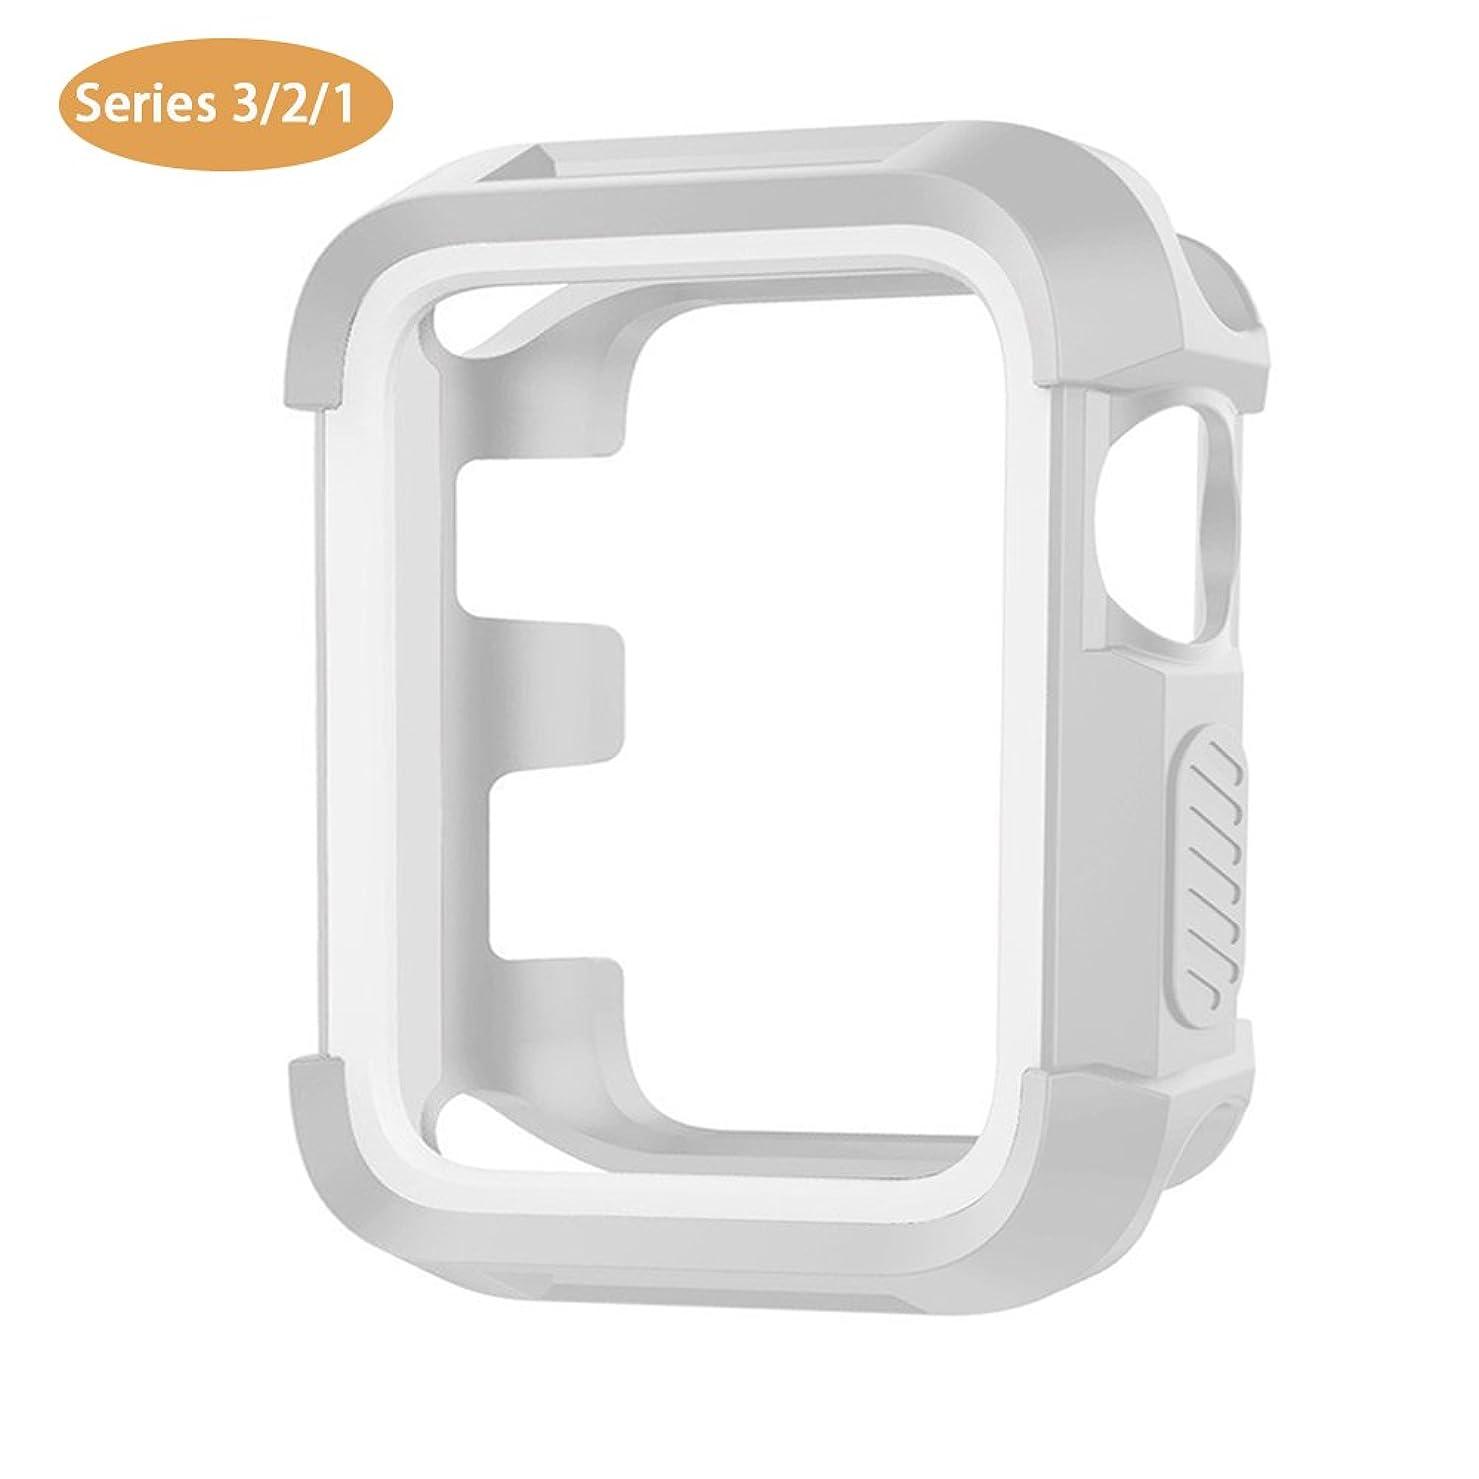 コンセンサススキル強風Haotop ケース 対応 Apple Watch 38mm, 耐衝撃性 脱着簡単 アップルウォッチ 適応 iWatch Series 3/2/1 ケース (38mm, グレー/白)